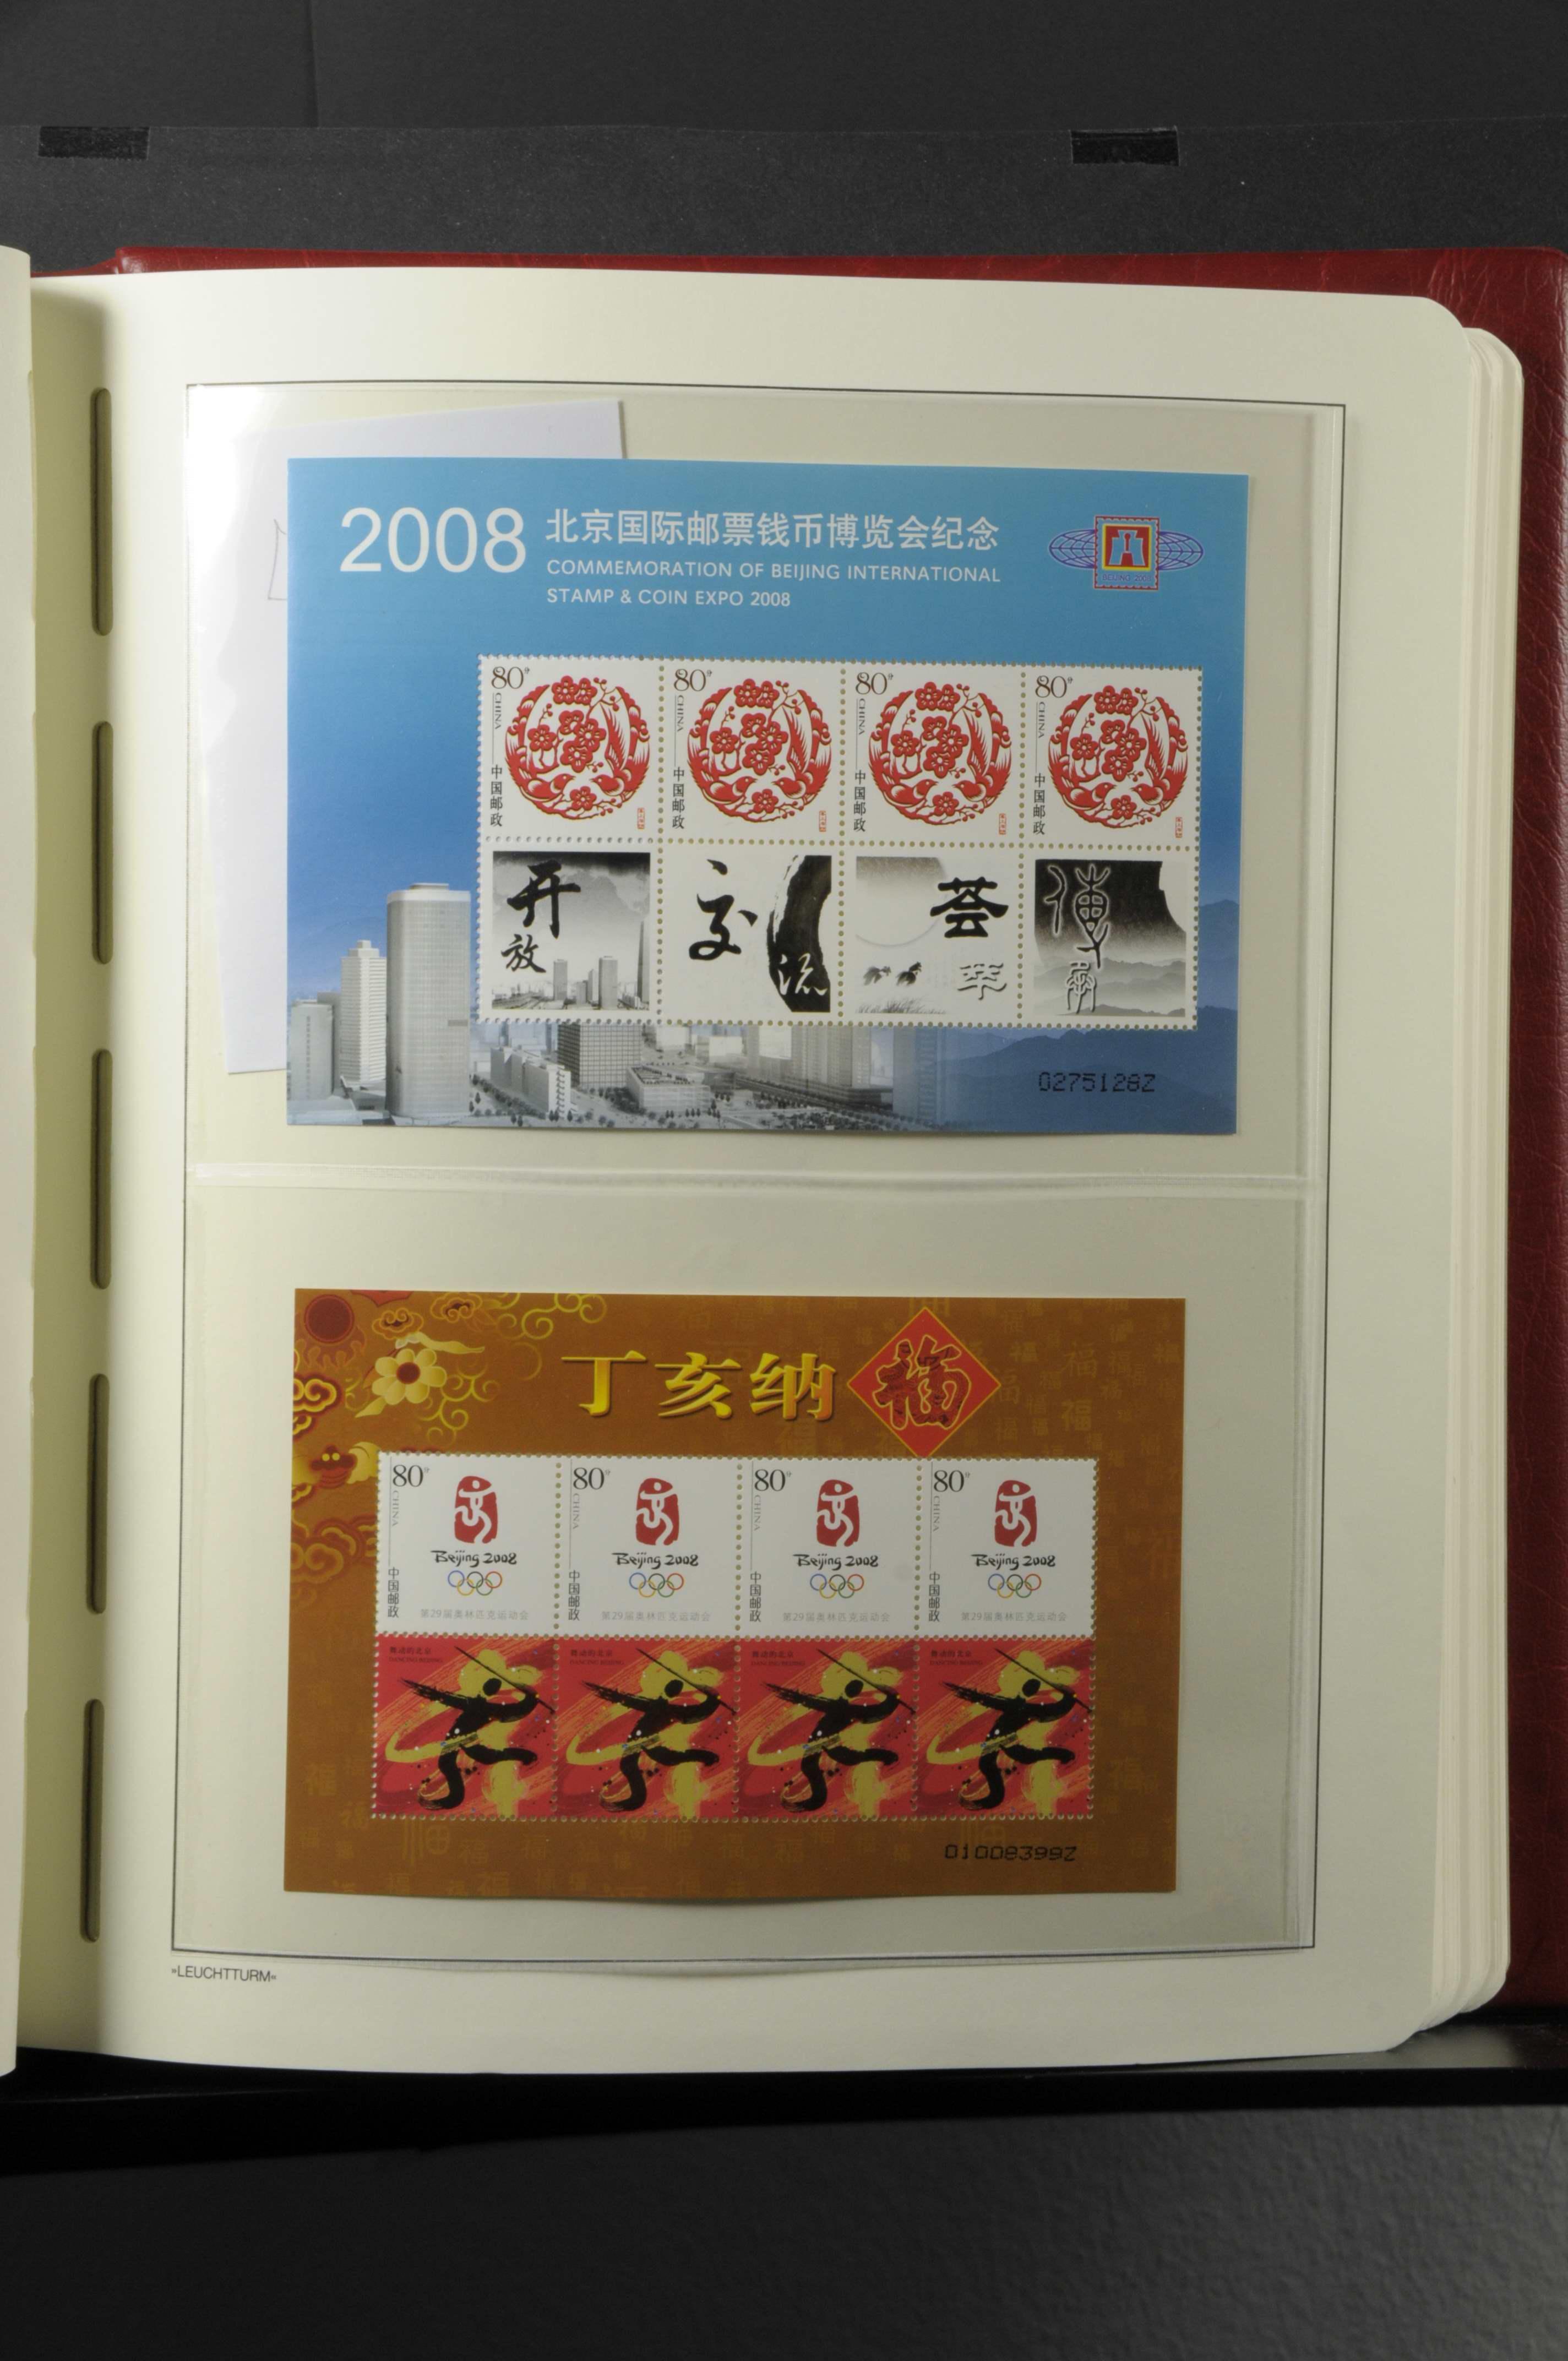 Lot 7420 - Übersee A-Z China - Volksrepublik (PRC) - Markenausgaben -  Auktionshaus Ulrich Felzmann GmbH & Co. KG